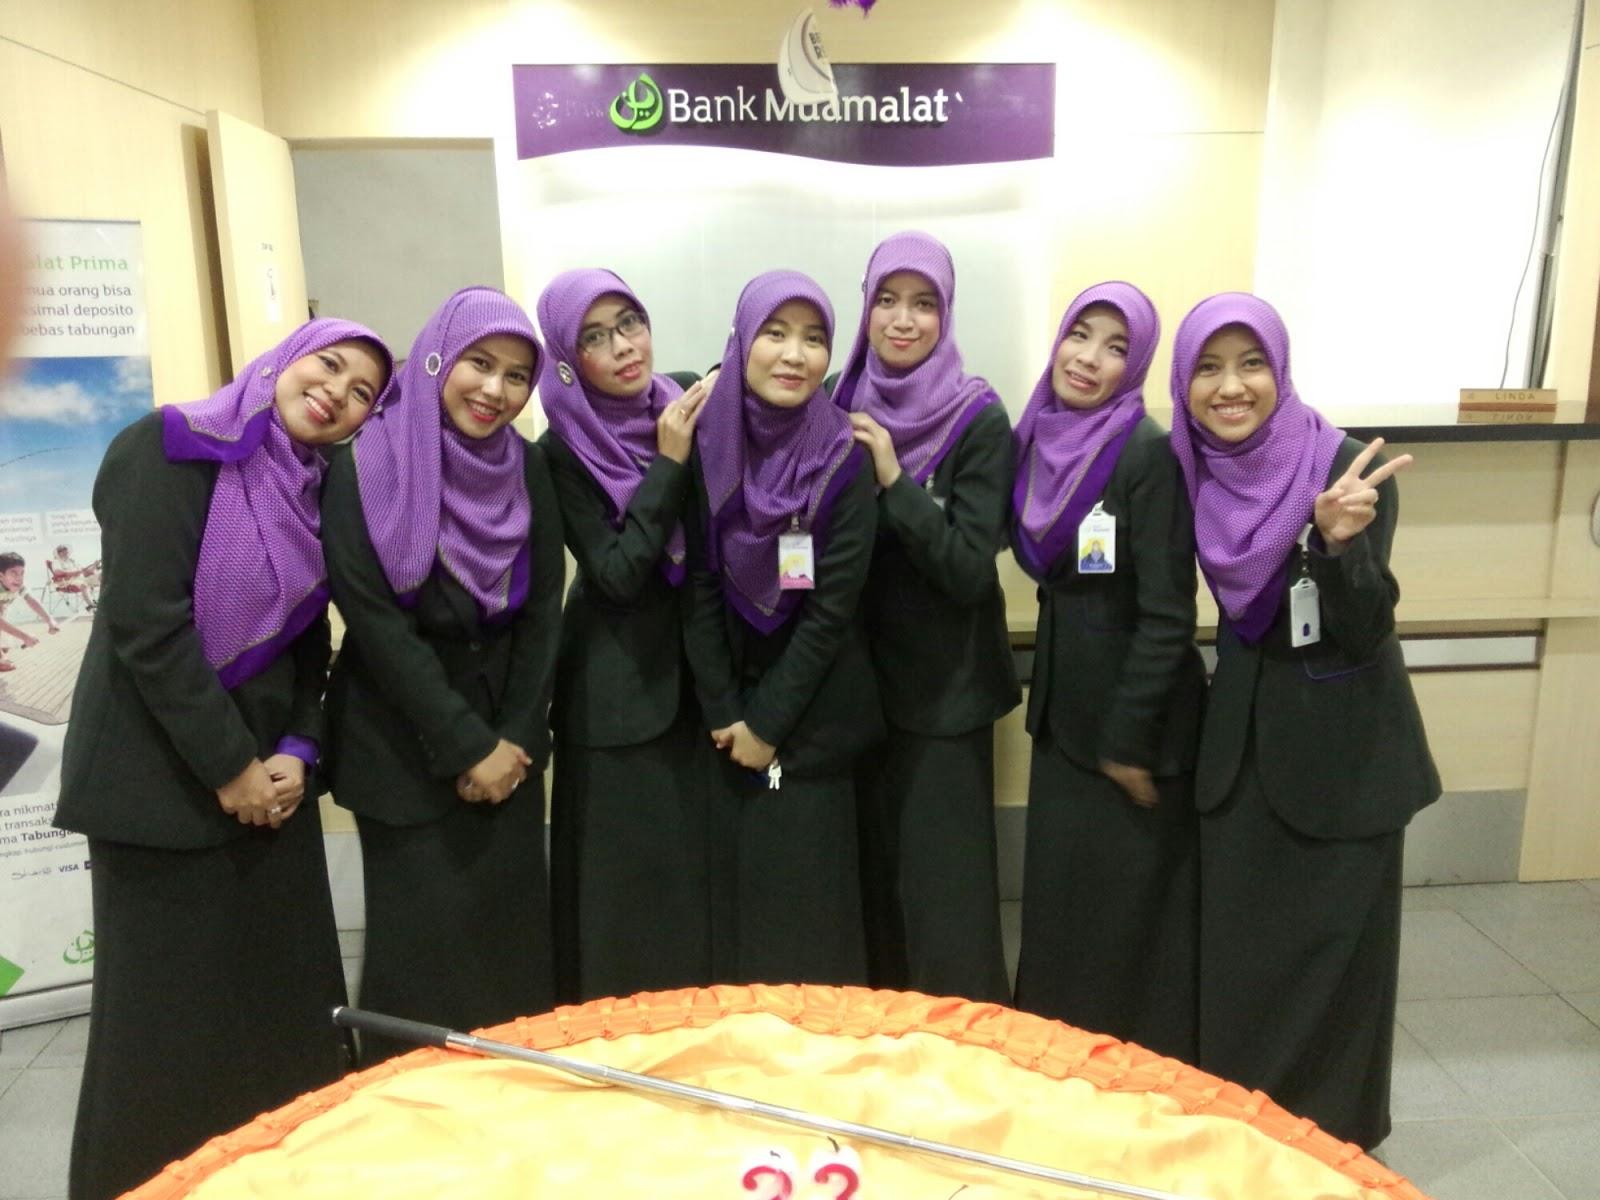 Lowongan Kerja Terbaru BANK Muamalat Tahun 2017